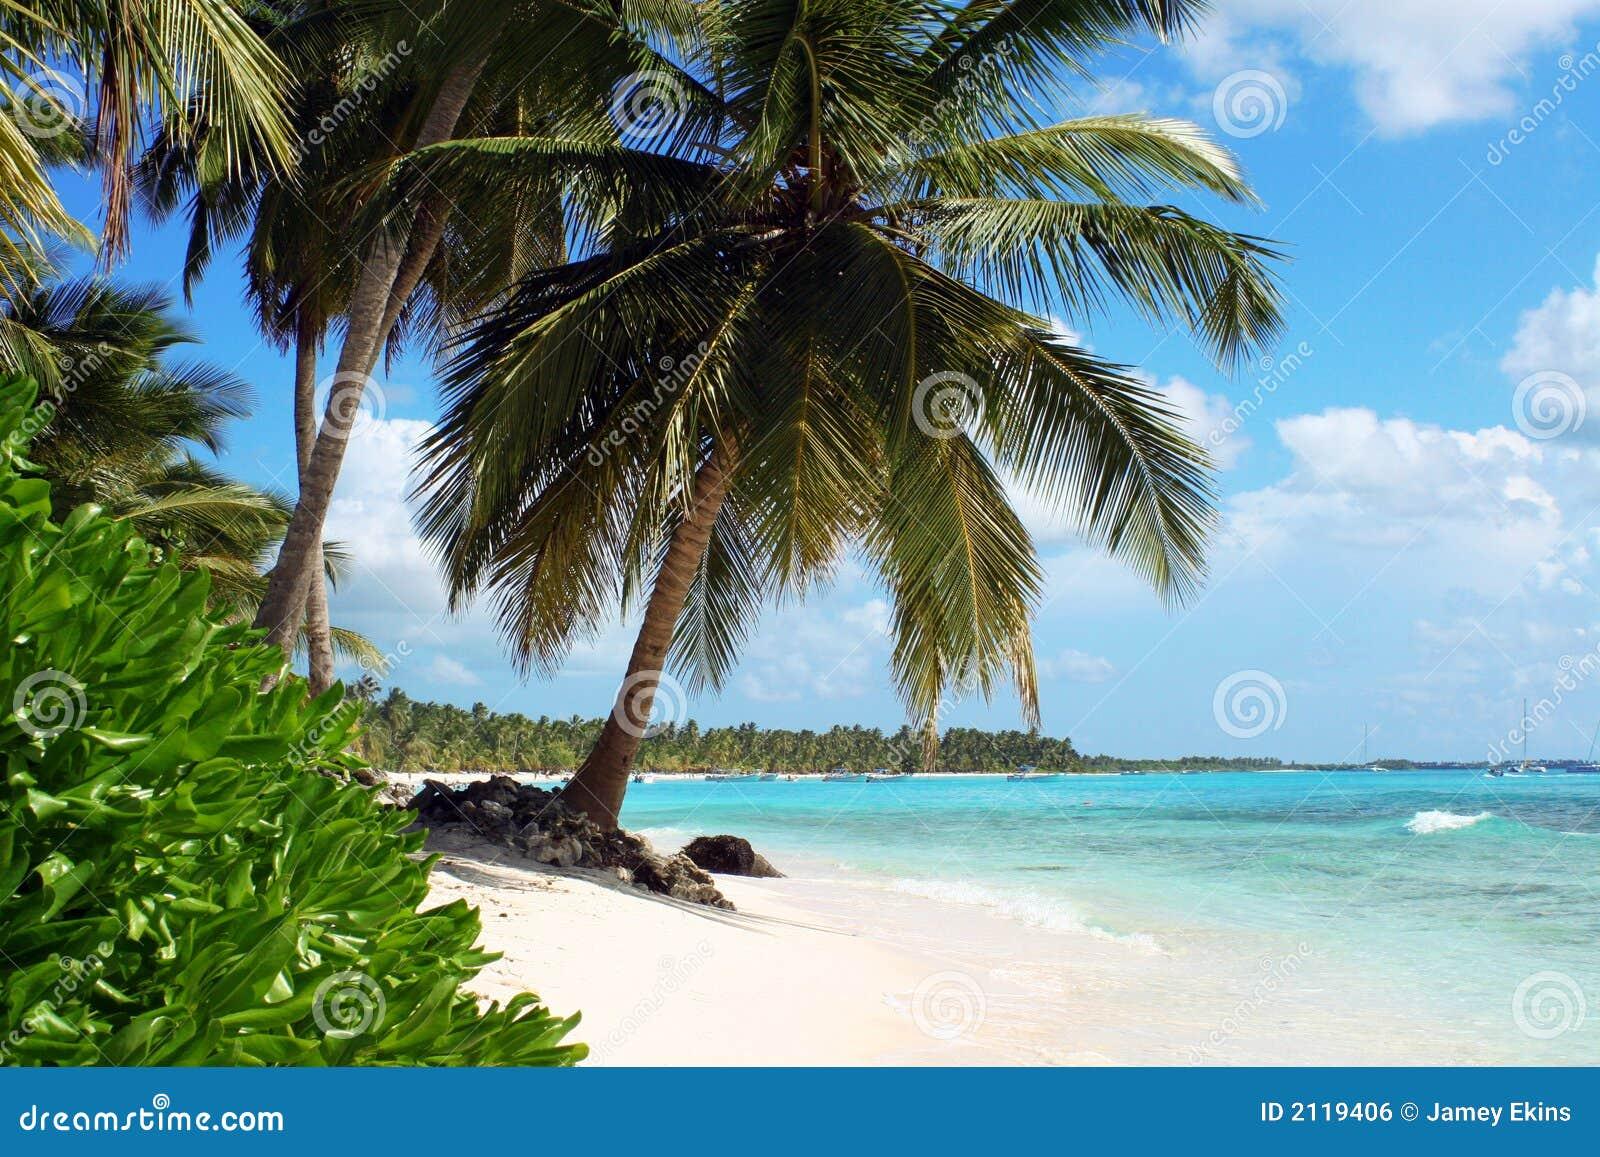 Tropisch eilandstrand